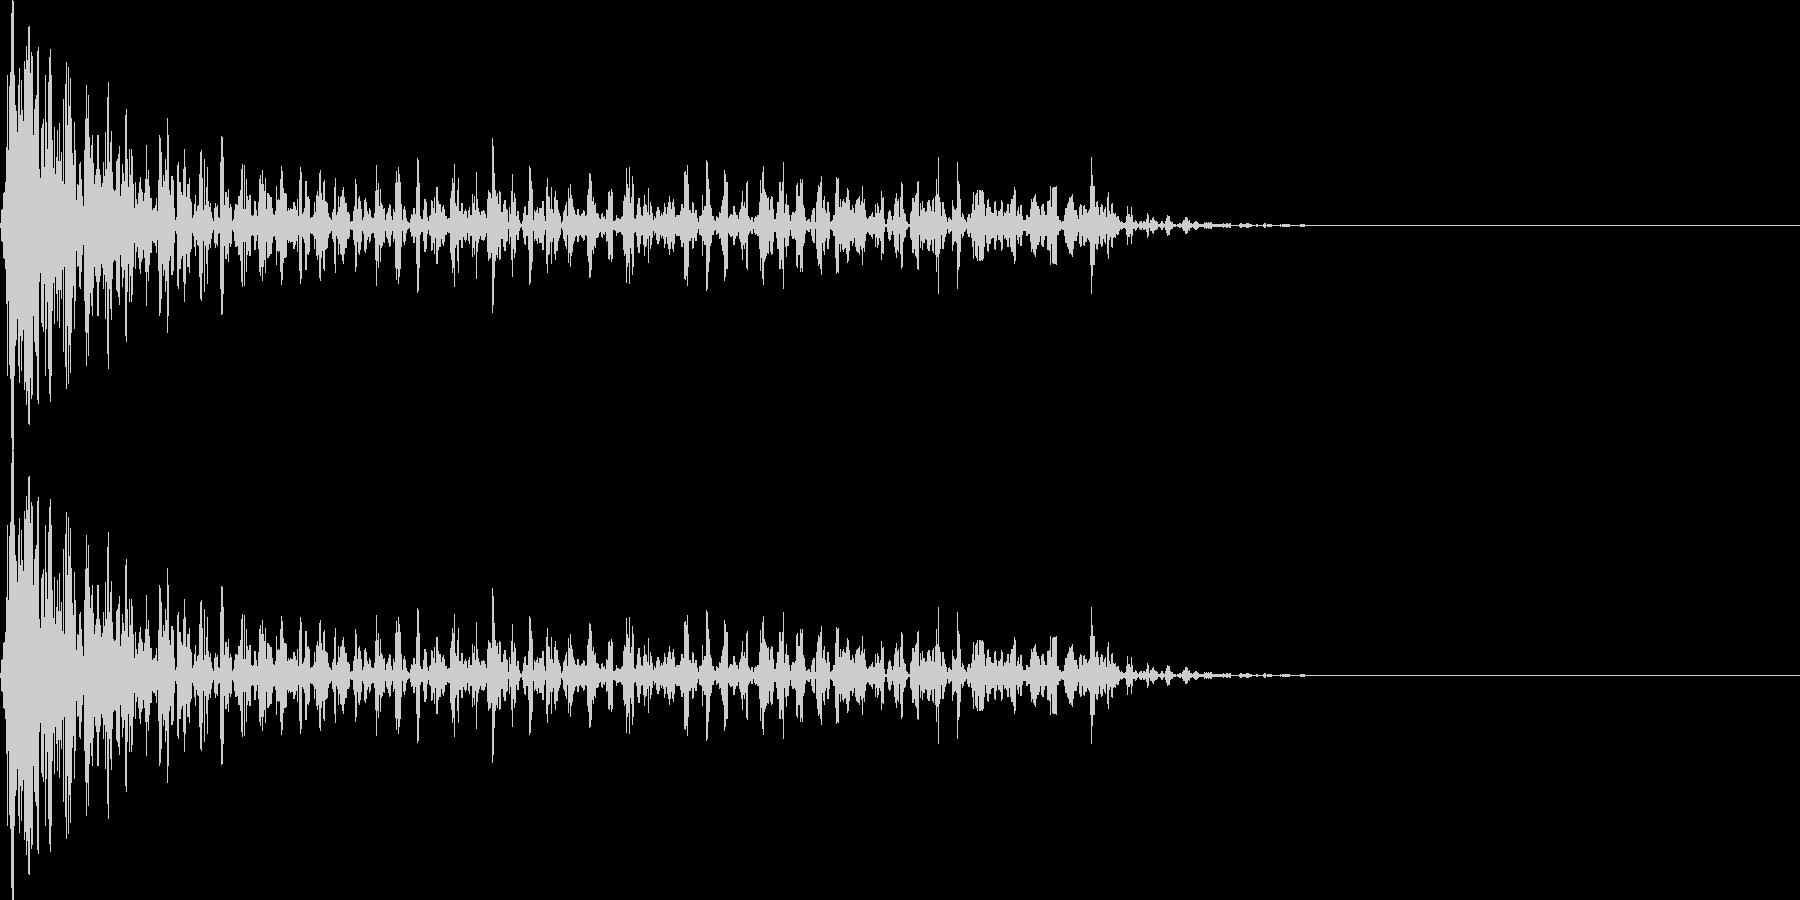 ブワワーン(マイナス_ミス_少し長い)の未再生の波形